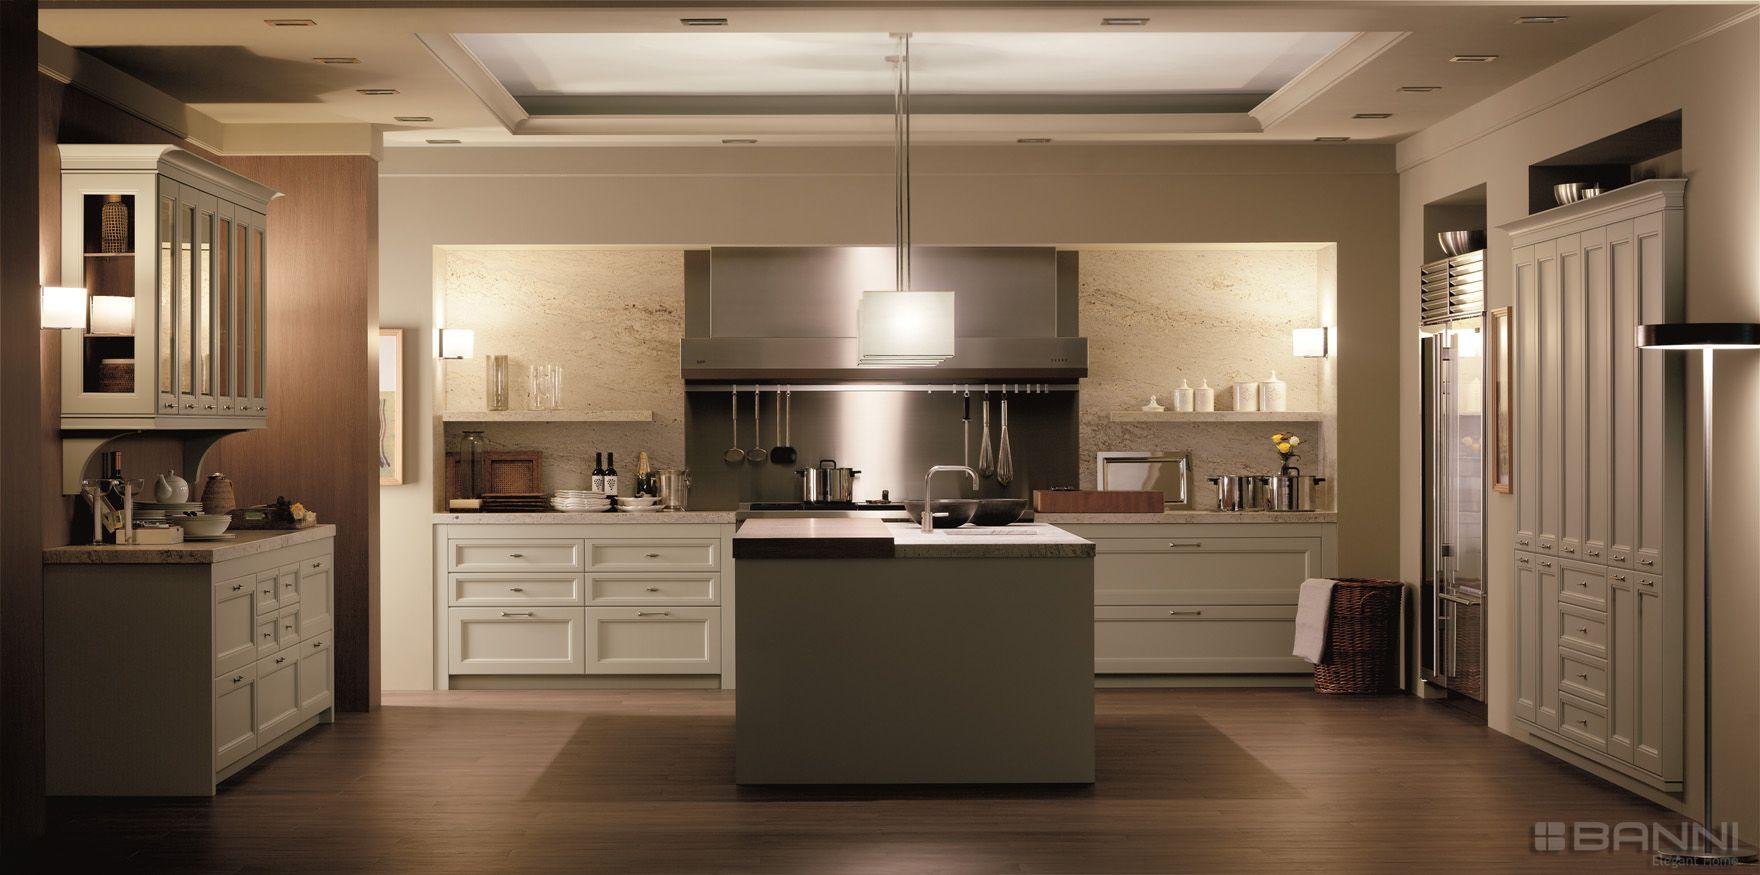 Cocina cl sica a temporal y elegante by banni dise o for Muebles encantadores del pais elegante